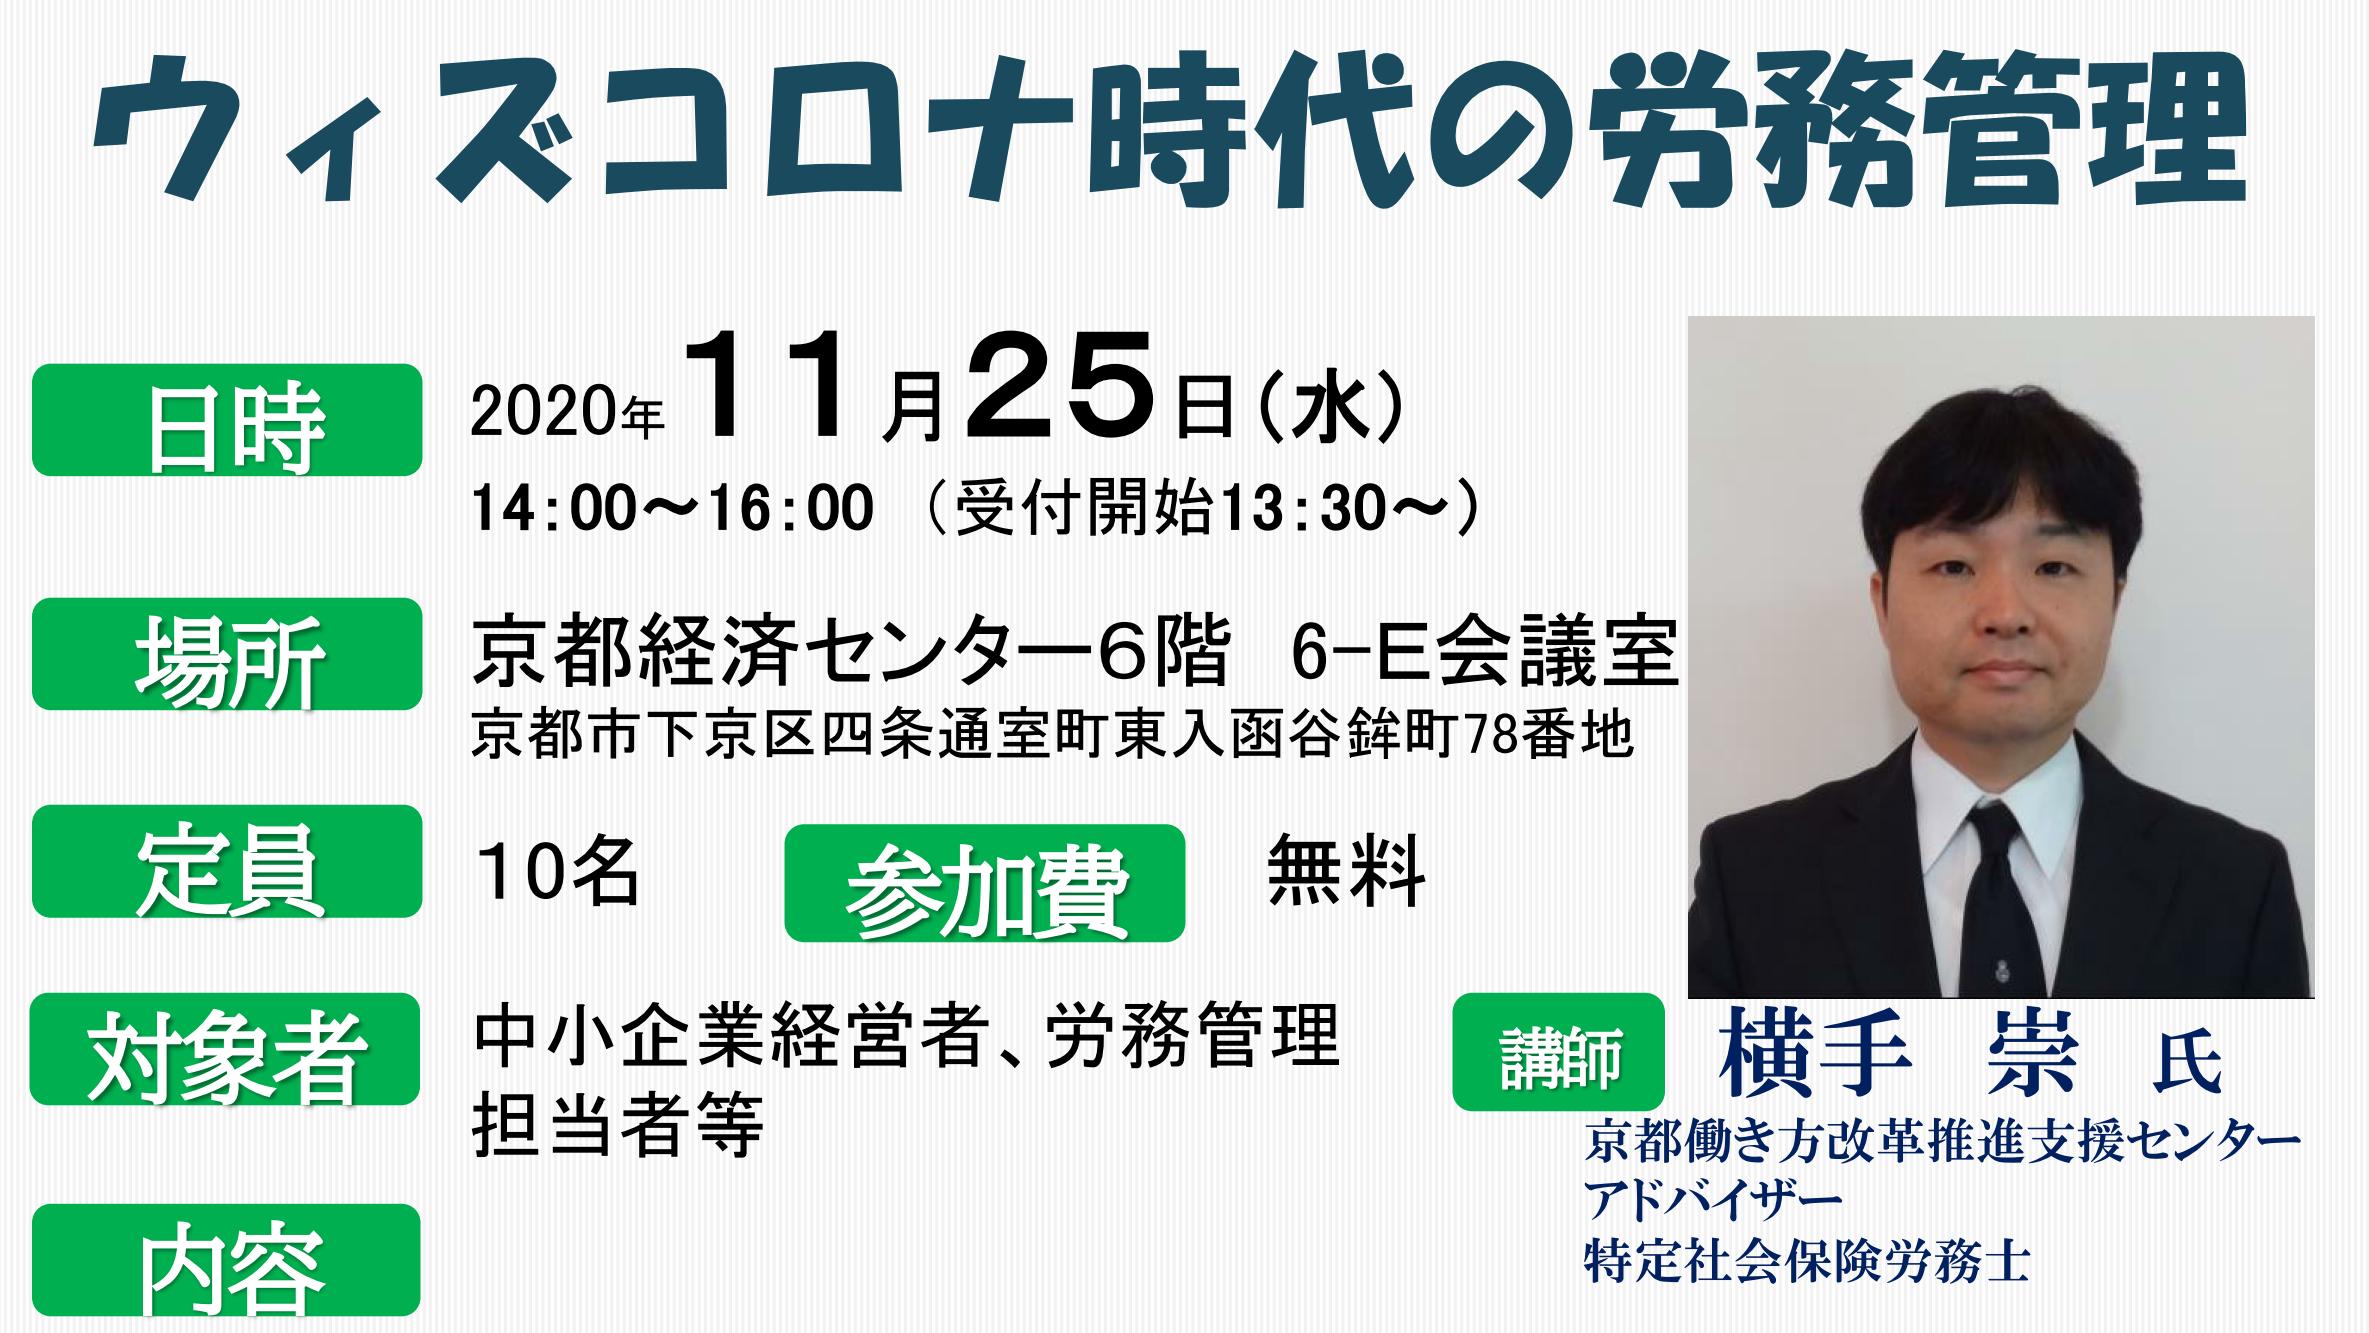 京都府よろず支援拠点セミナー(11月25日)